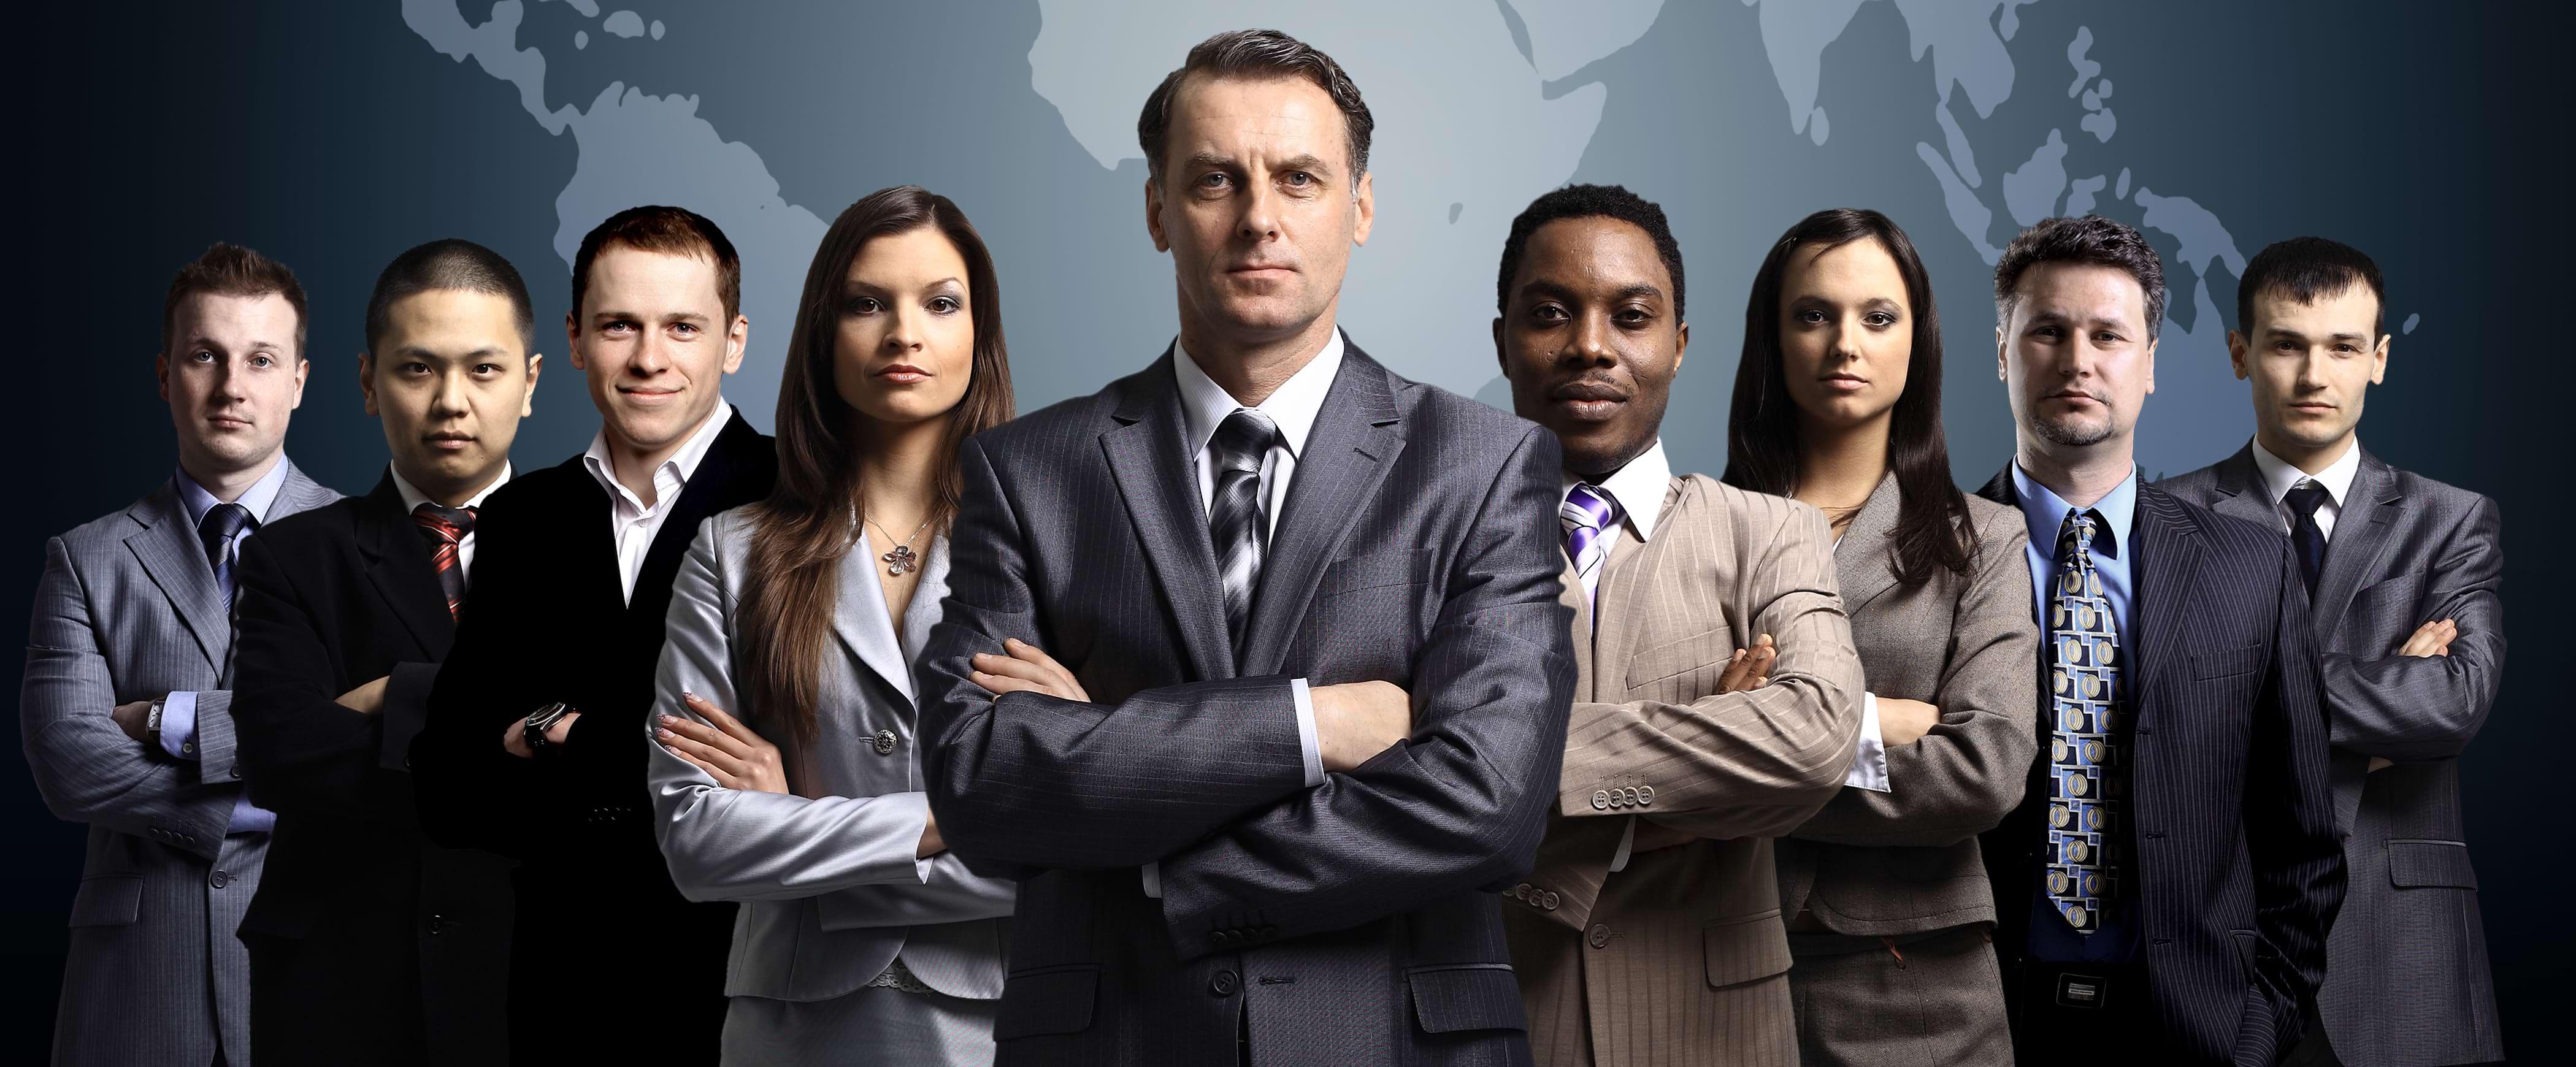 دورههای DBA , MBA